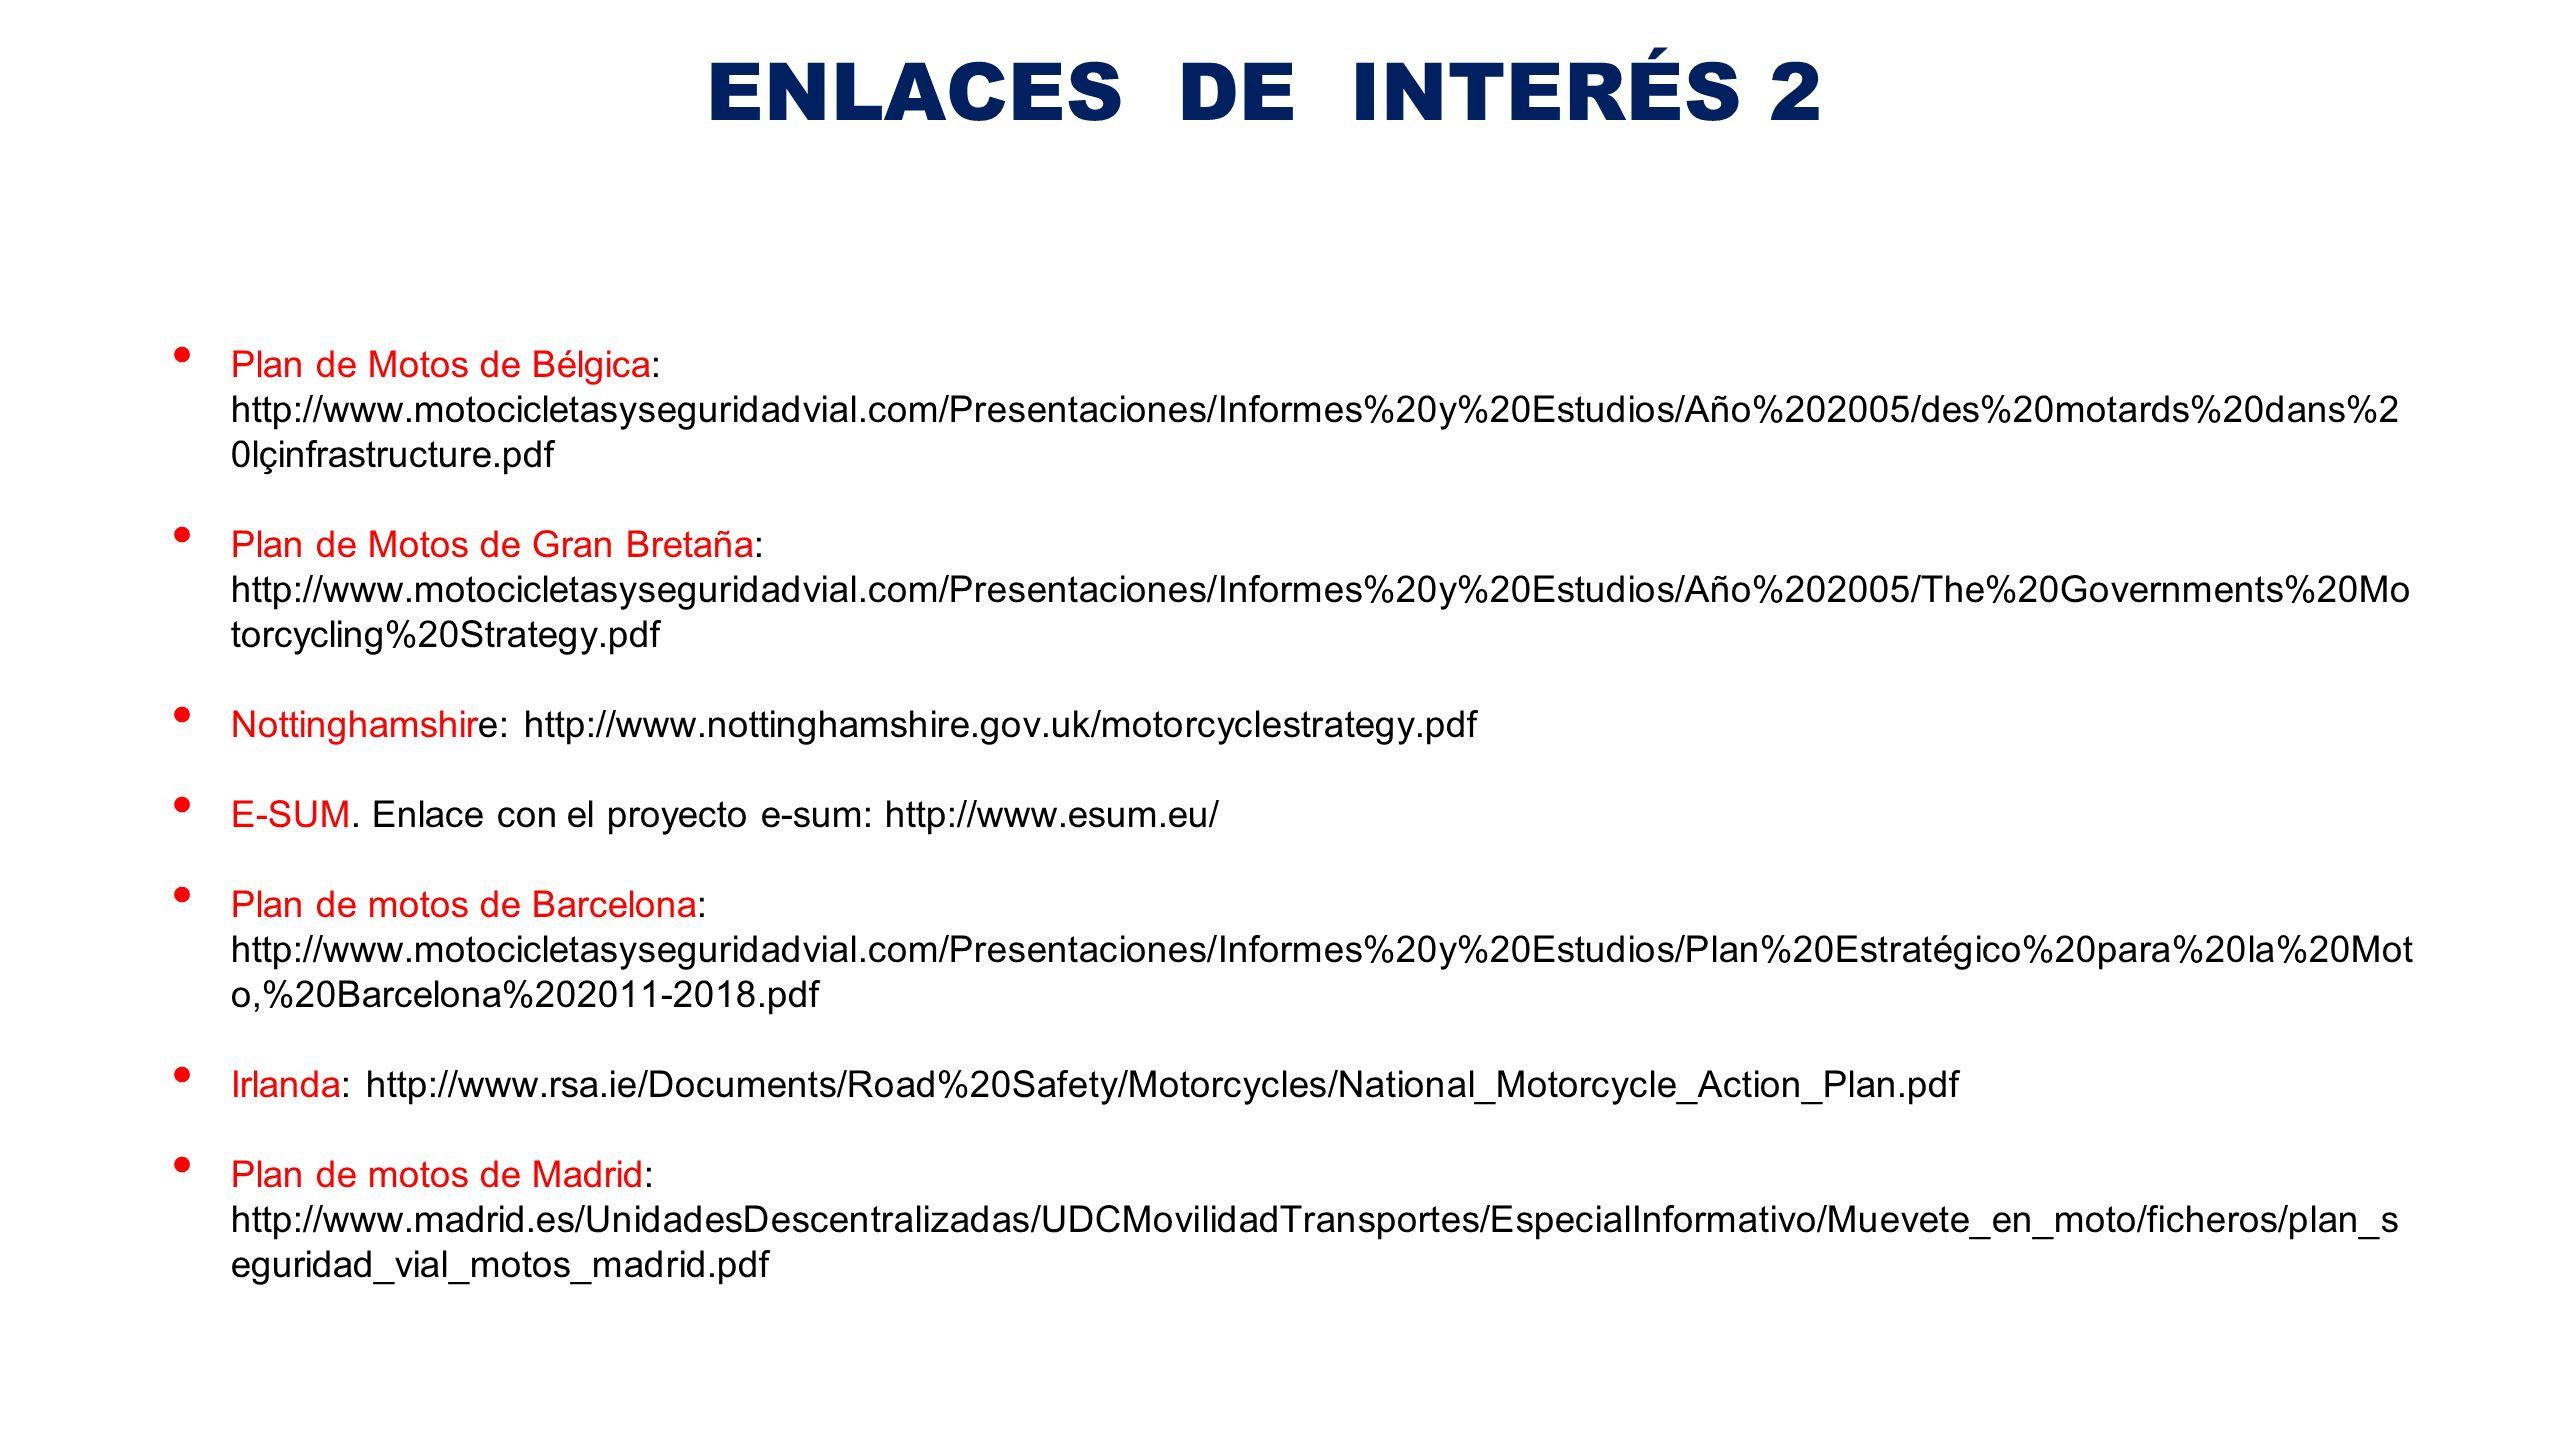 ENLACES DE INTERÉS 2 Plan de Motos de Bélgica: http://www.motocicletasyseguridadvial.com/Presentaciones/Informes%20y%20Estudios/Año%202005/des%20motar